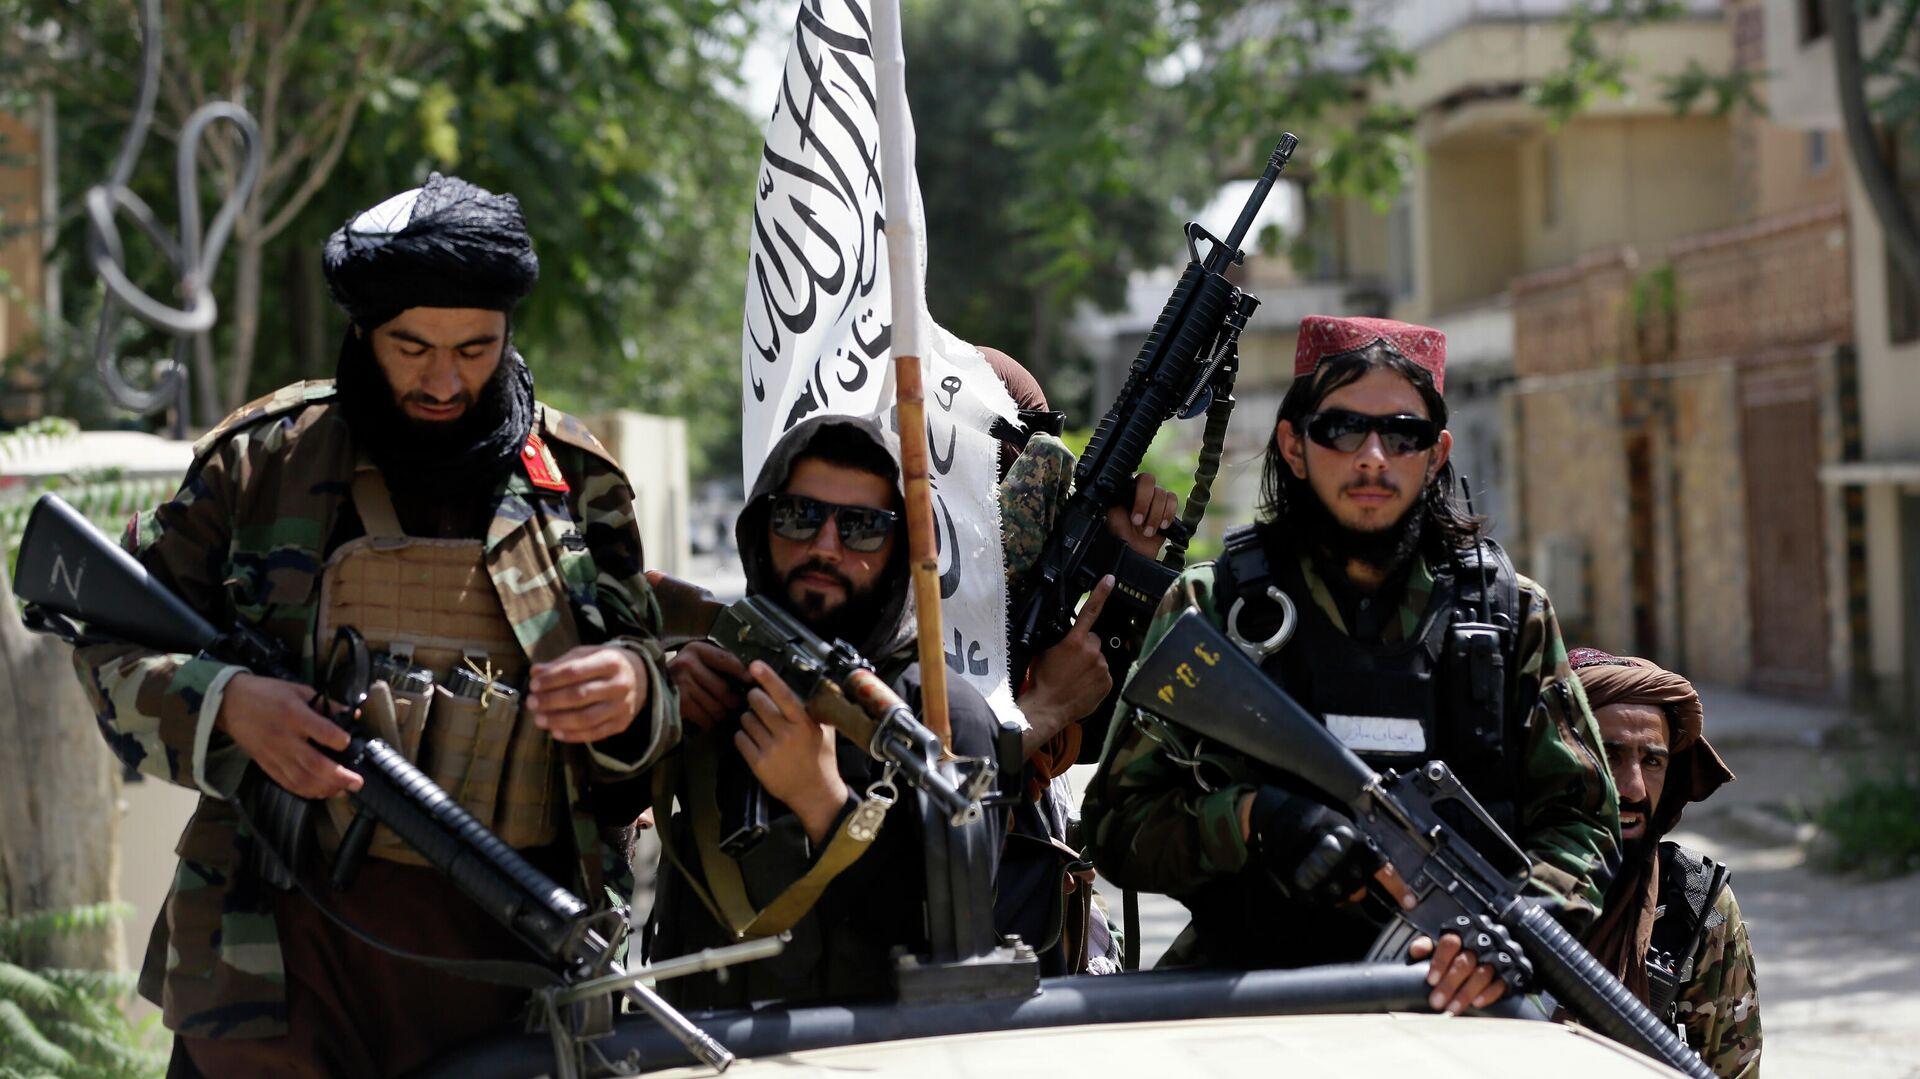 Боевики Талибана* с флагом во время патрулирования Кабула  - РИА Новости, 1920, 22.08.2021